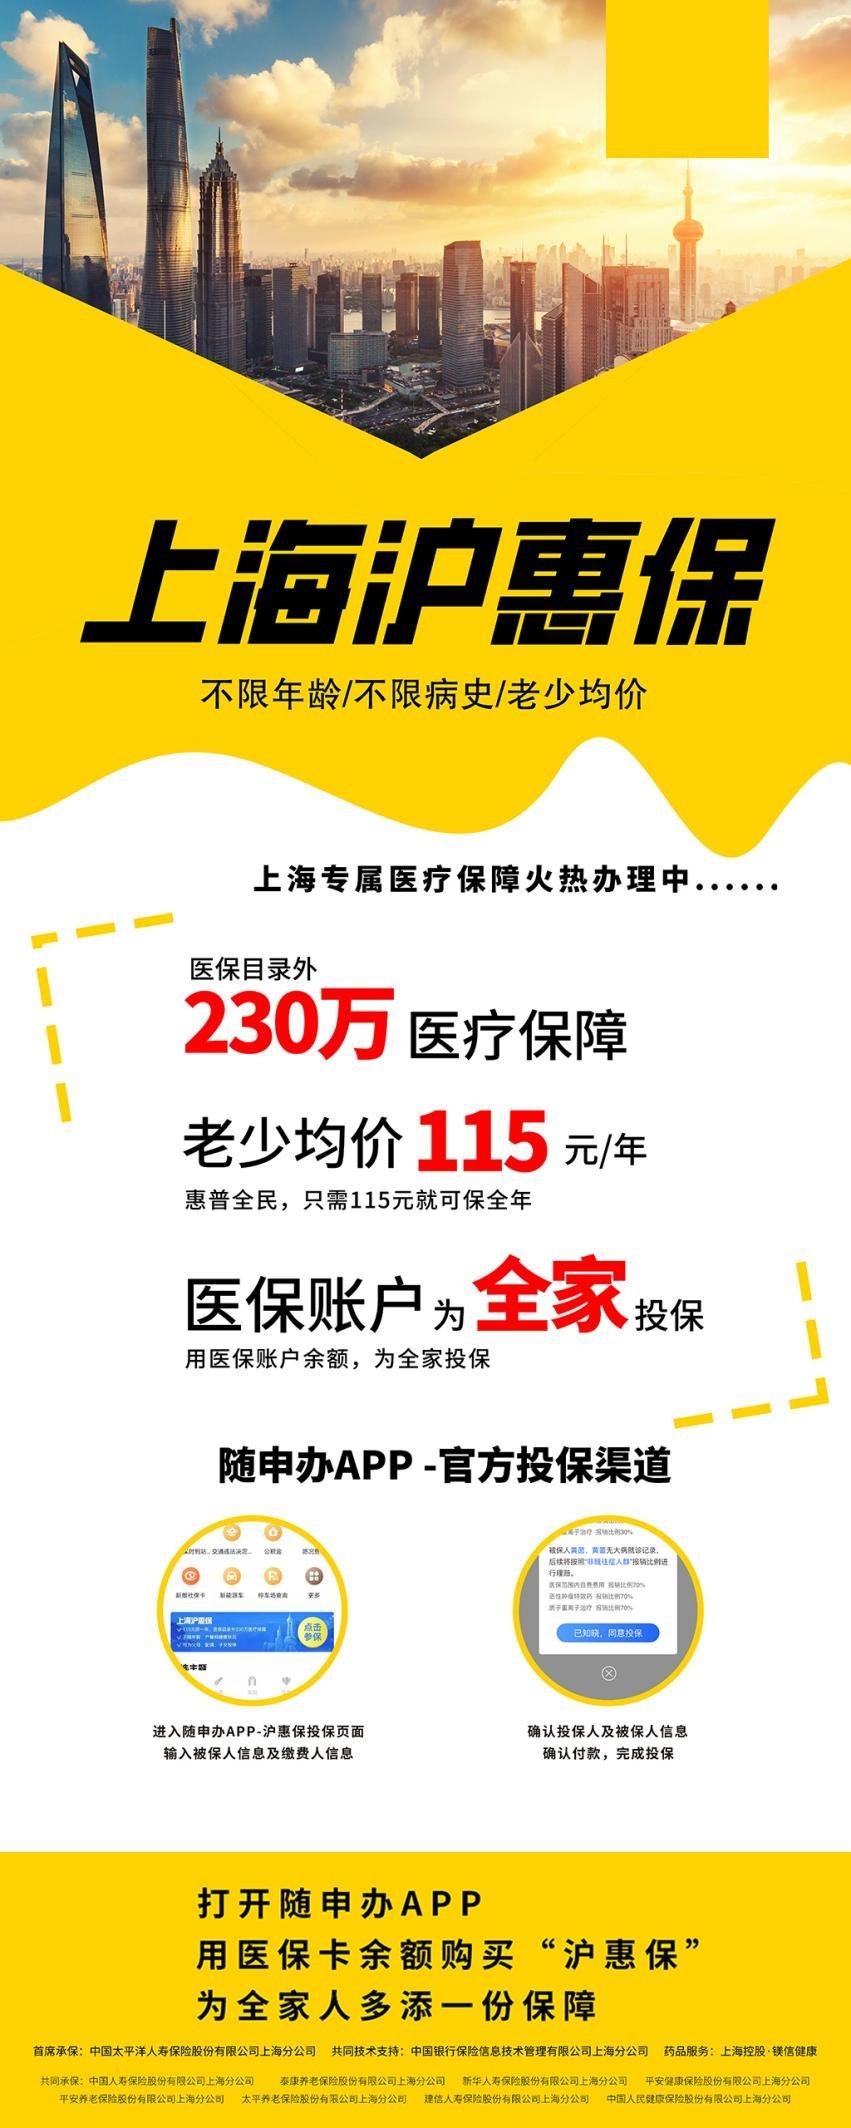 """【投保倒计时14天】每3个上海医保参保人中就有1人投保的""""沪惠保"""",你买了吗?"""